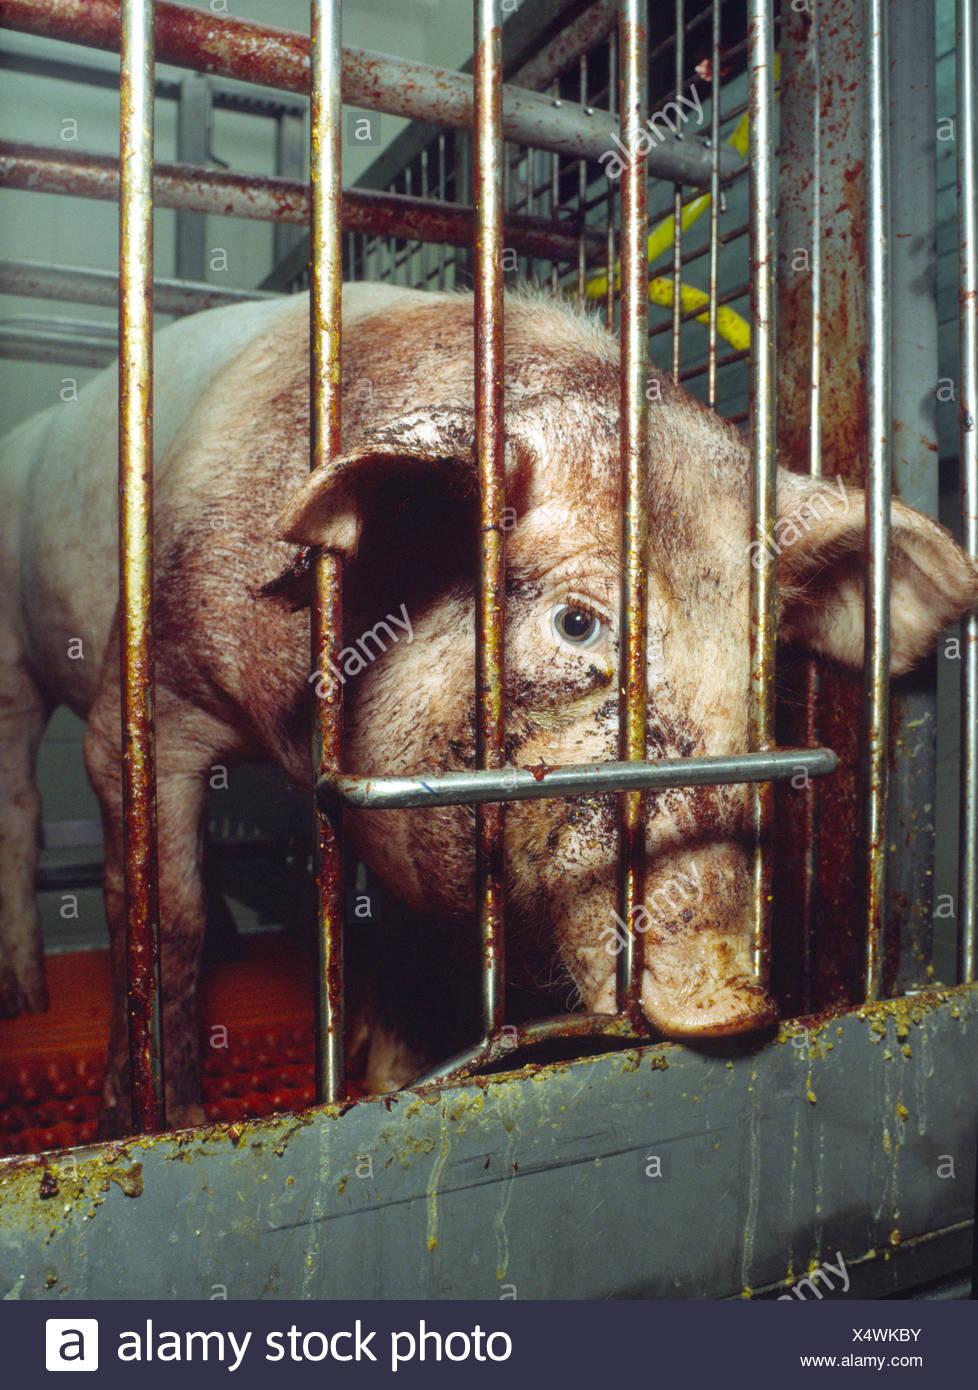 Haltung von Haustieren Viehzucht problematisch Käfig Tier Box verjährt Angst Emotion Erschöpfung Forschung cau Stockbild